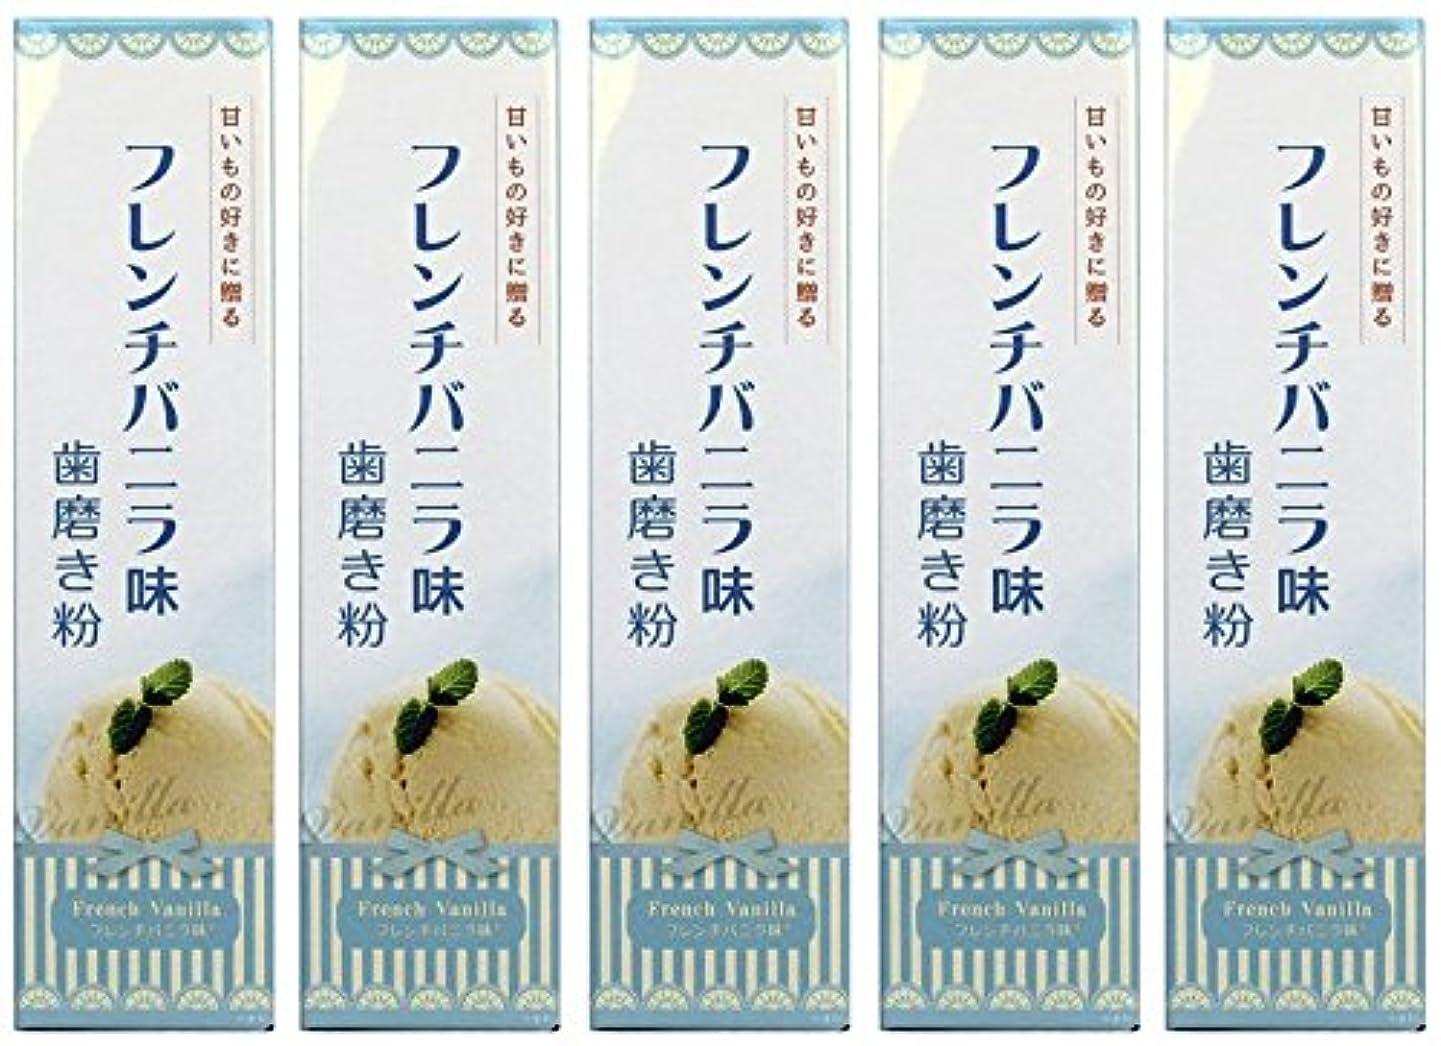 コース証拠渦SWEETS 歯磨き粉 バニラ味 70g (5本)